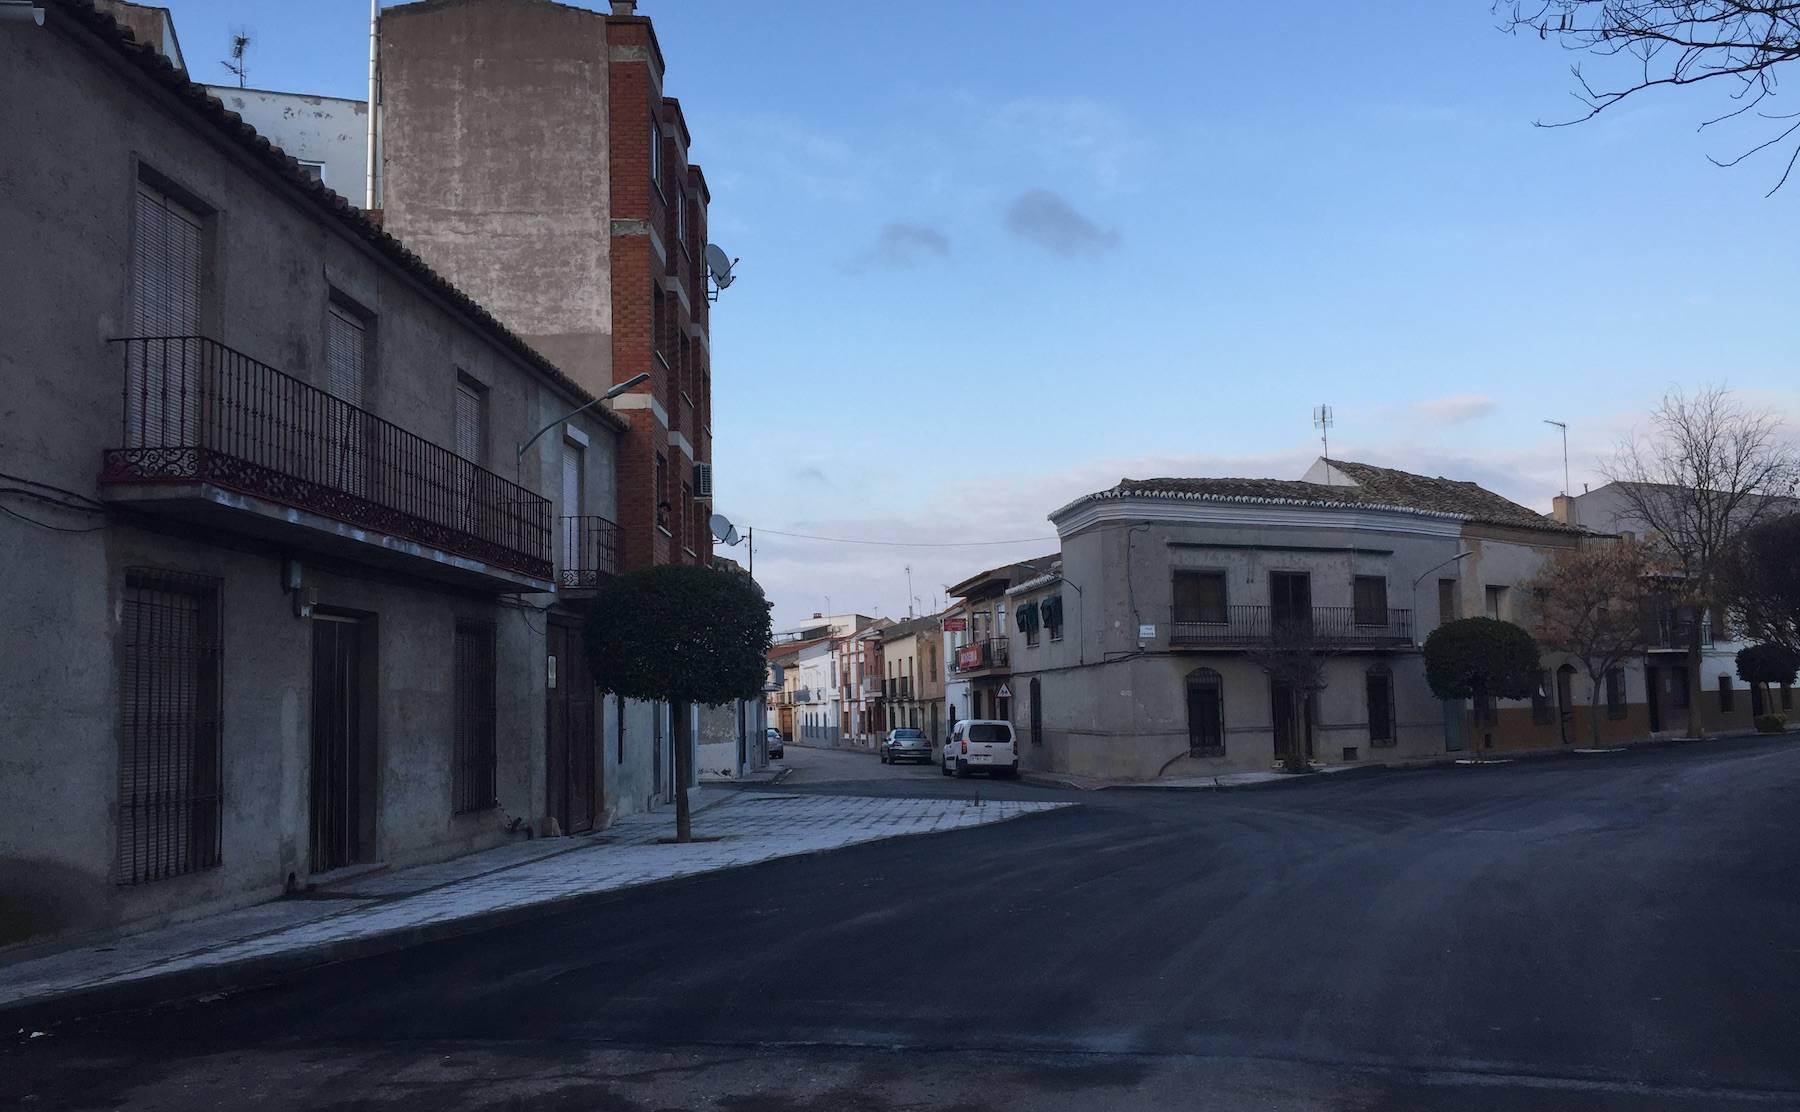 calle cruces herencia - Finalizada la remodelación de la intersección de calle Cruces